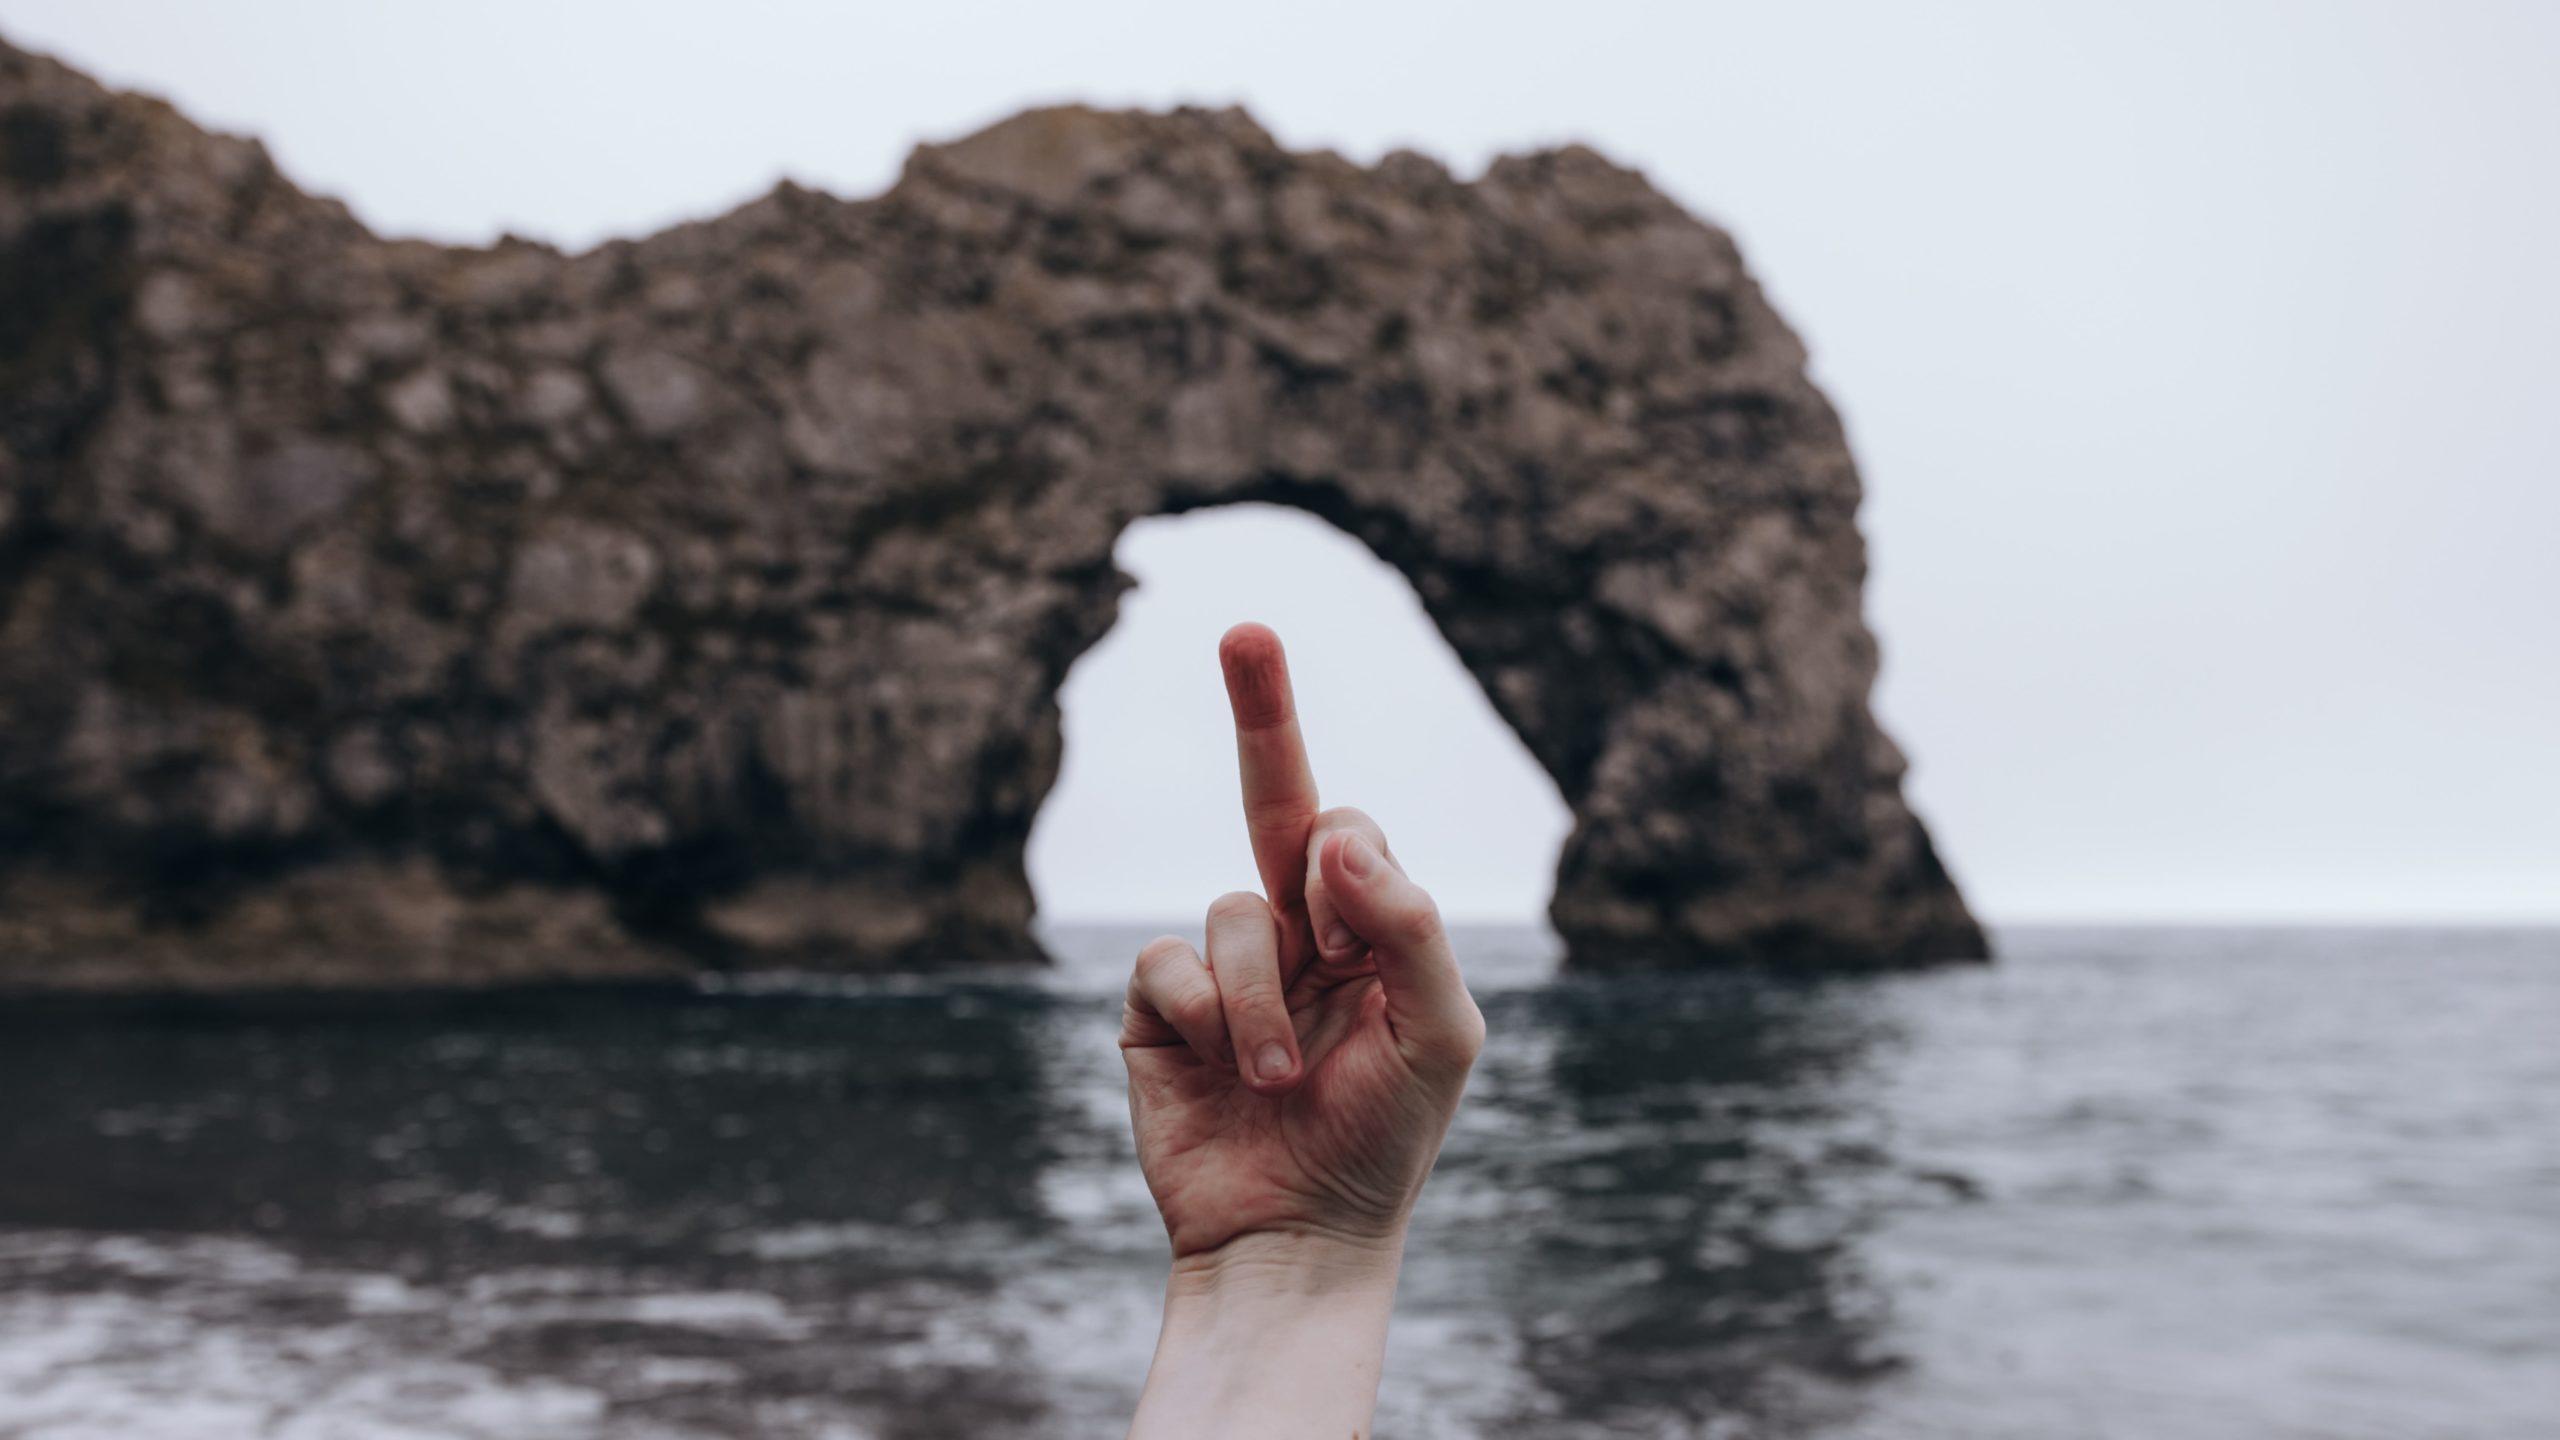 怒って中指を立てている画像